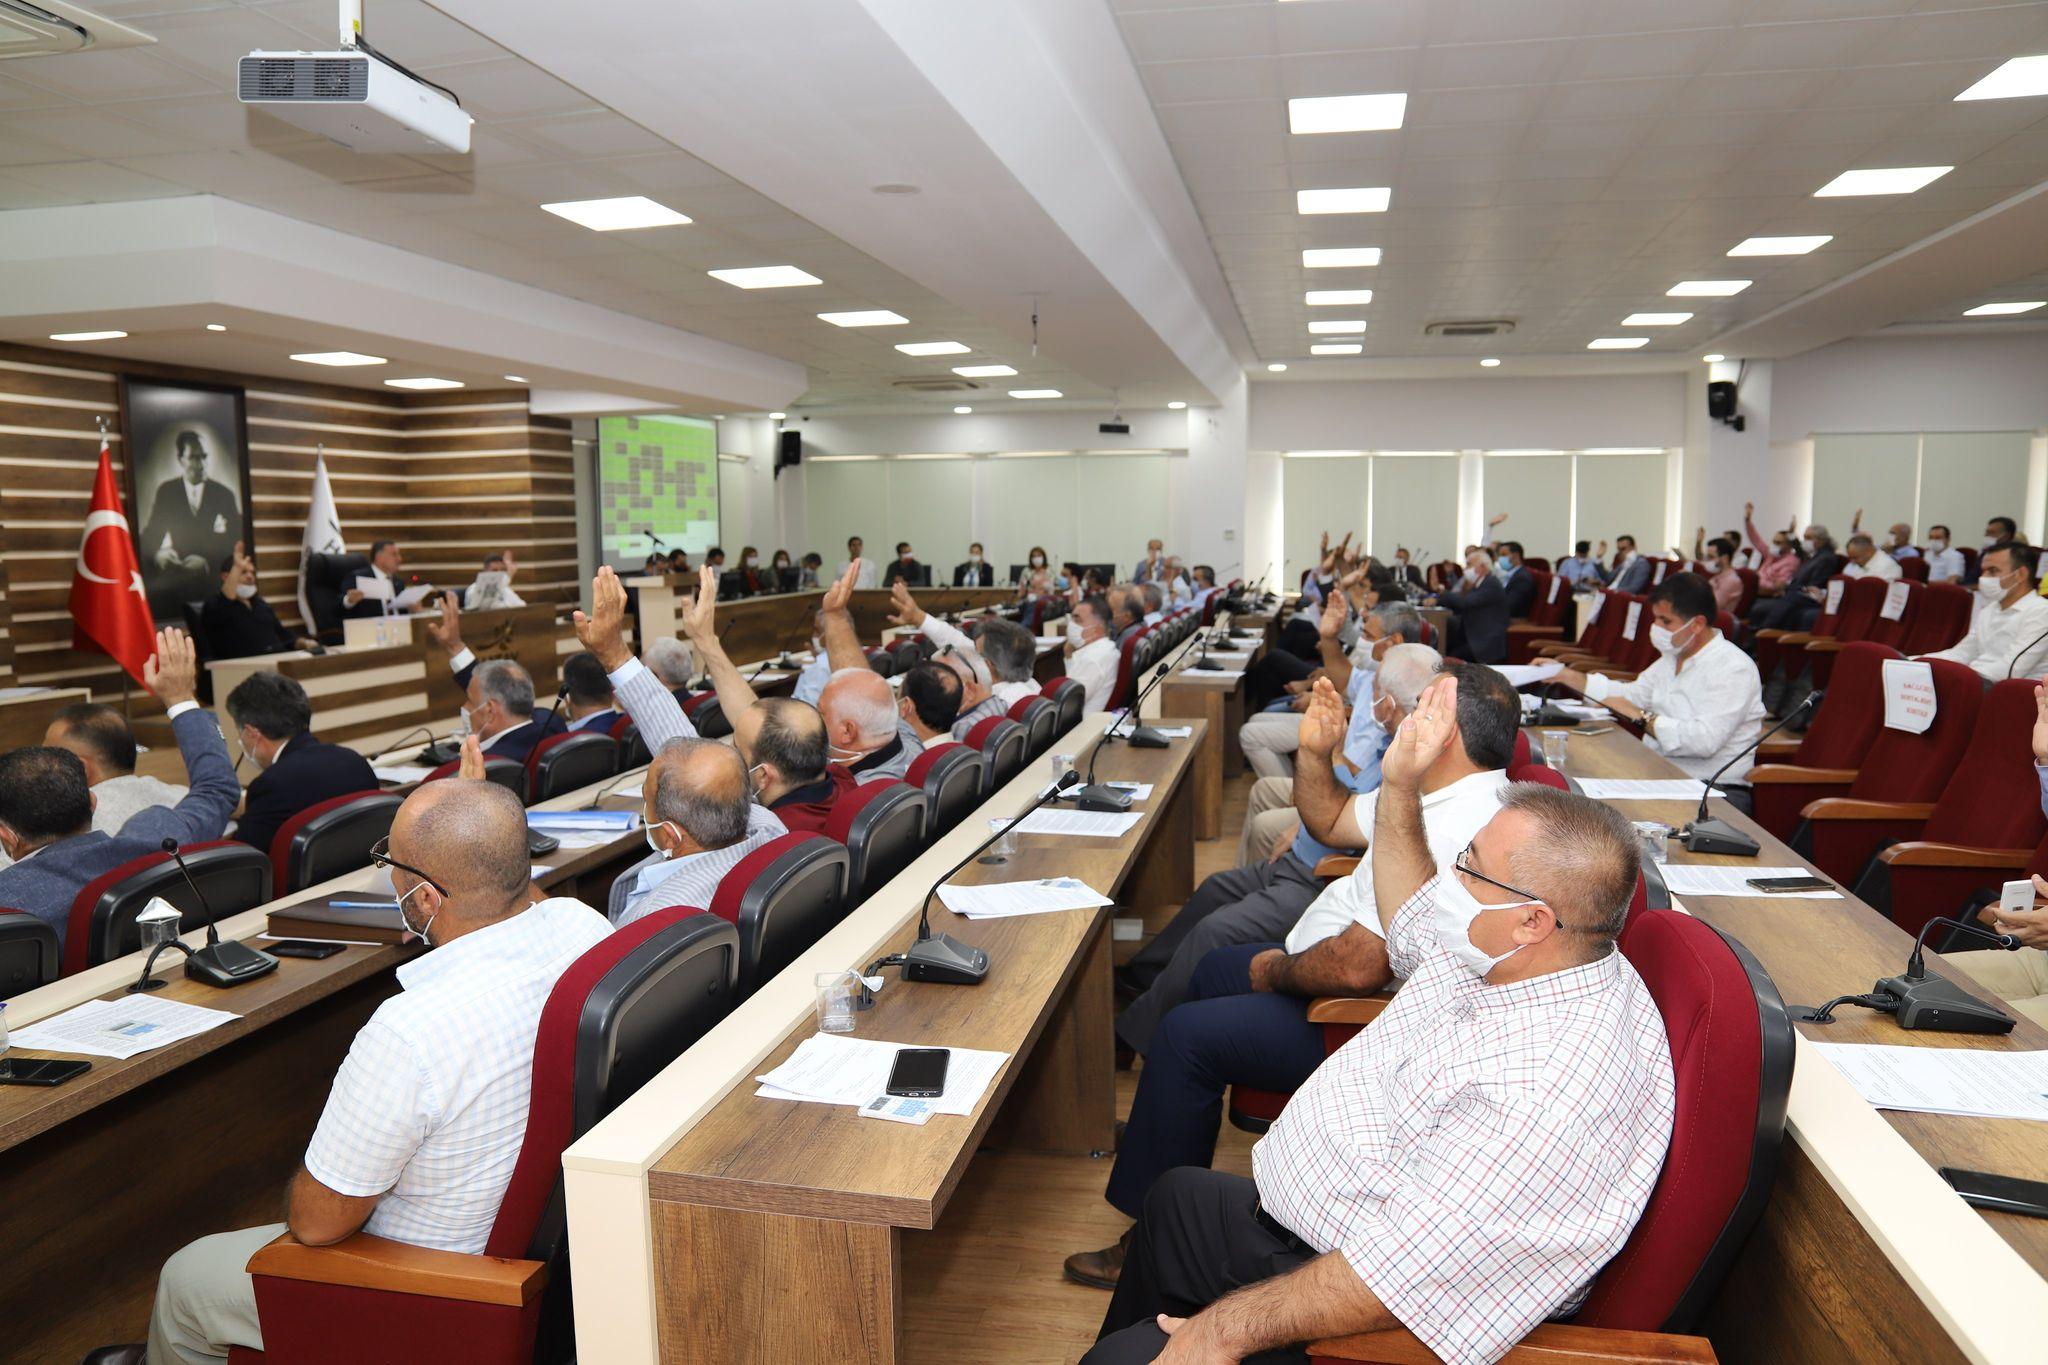 Hbb Ekim Ayı Olağan Meclis Toplantısı Gerçekleşti